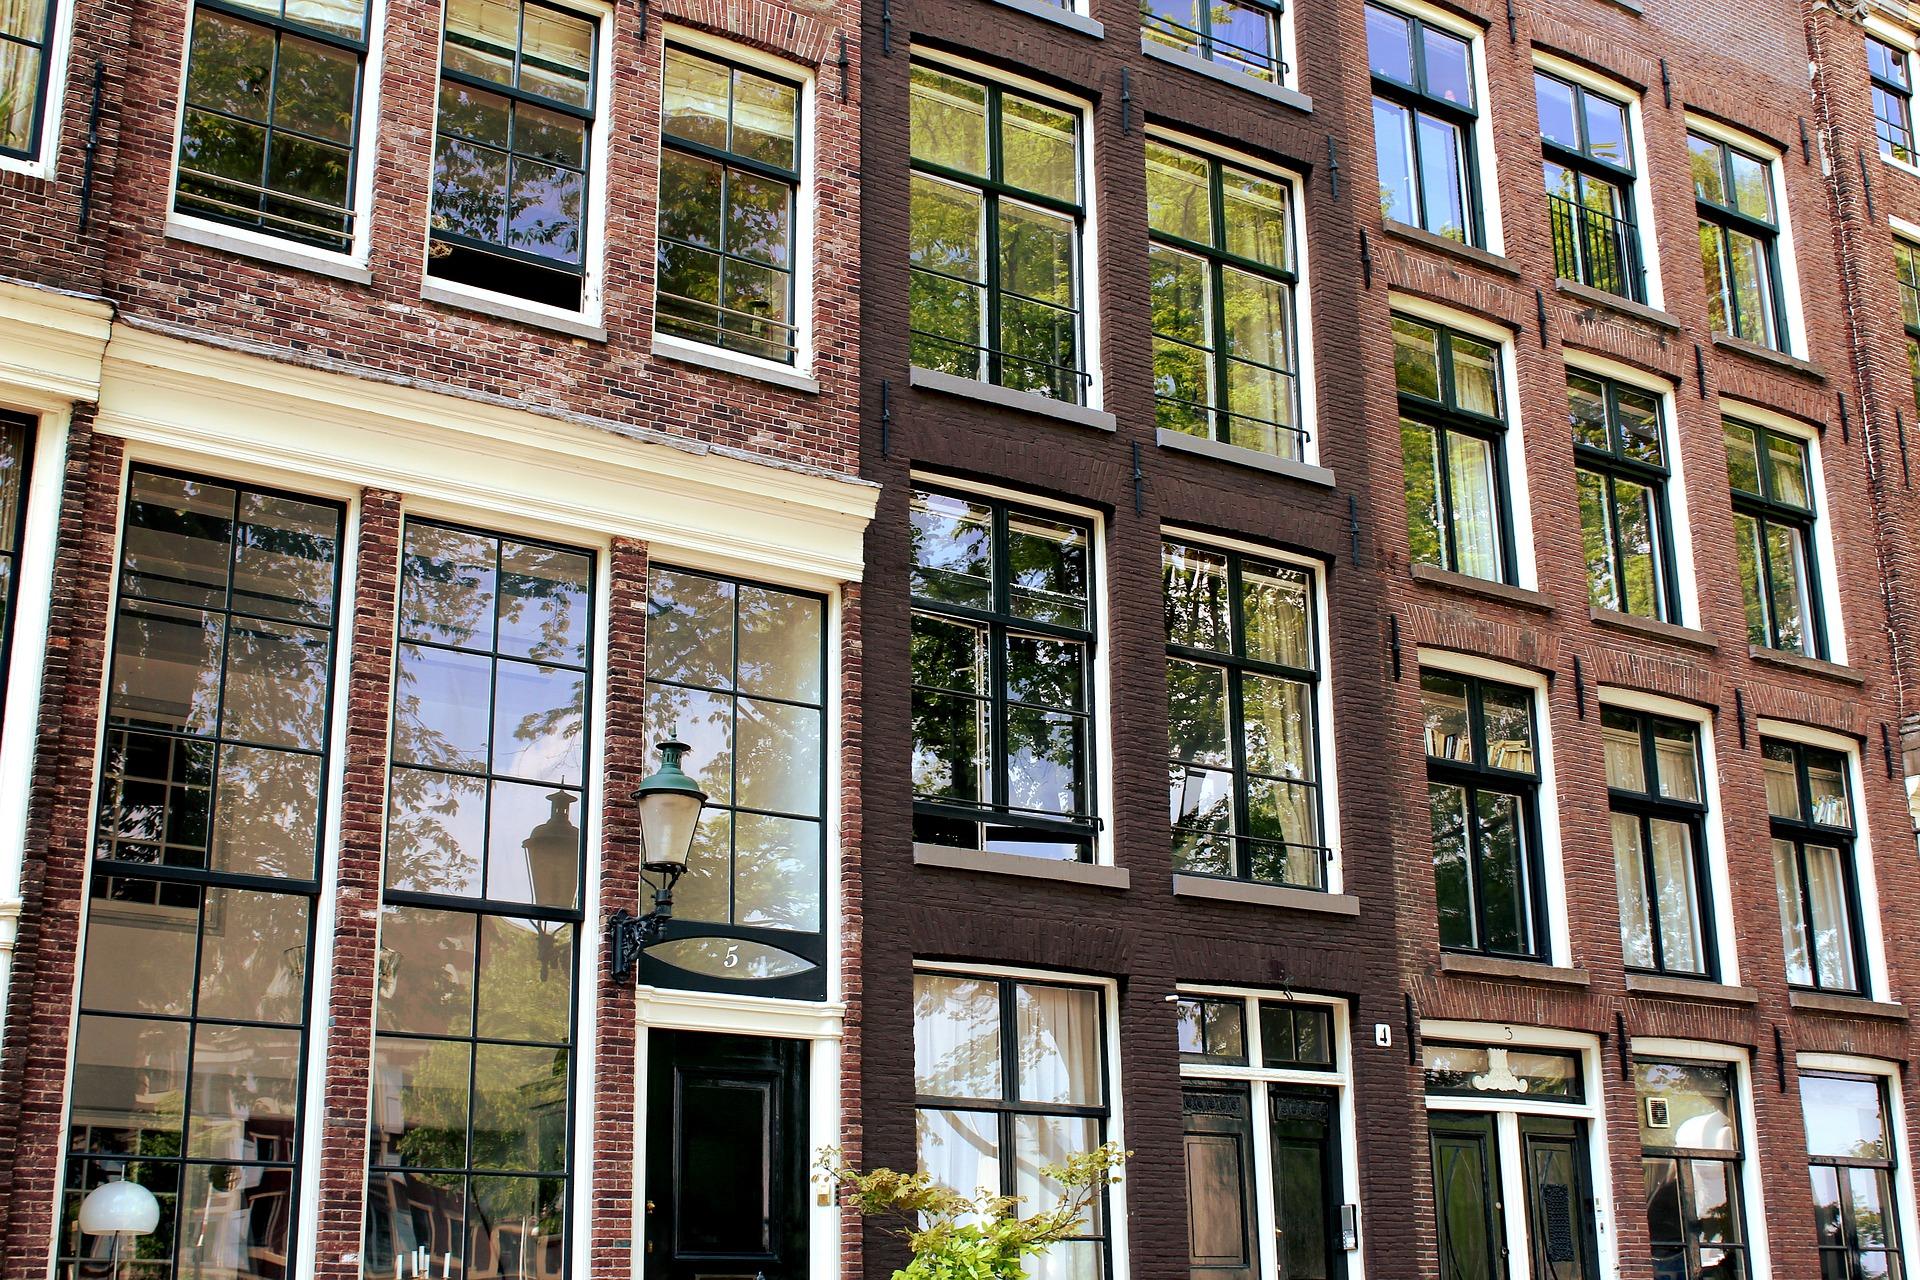 Kantoren Crisis Door Bouwstop In Amsterdam Wordt Steeds Ernstiger